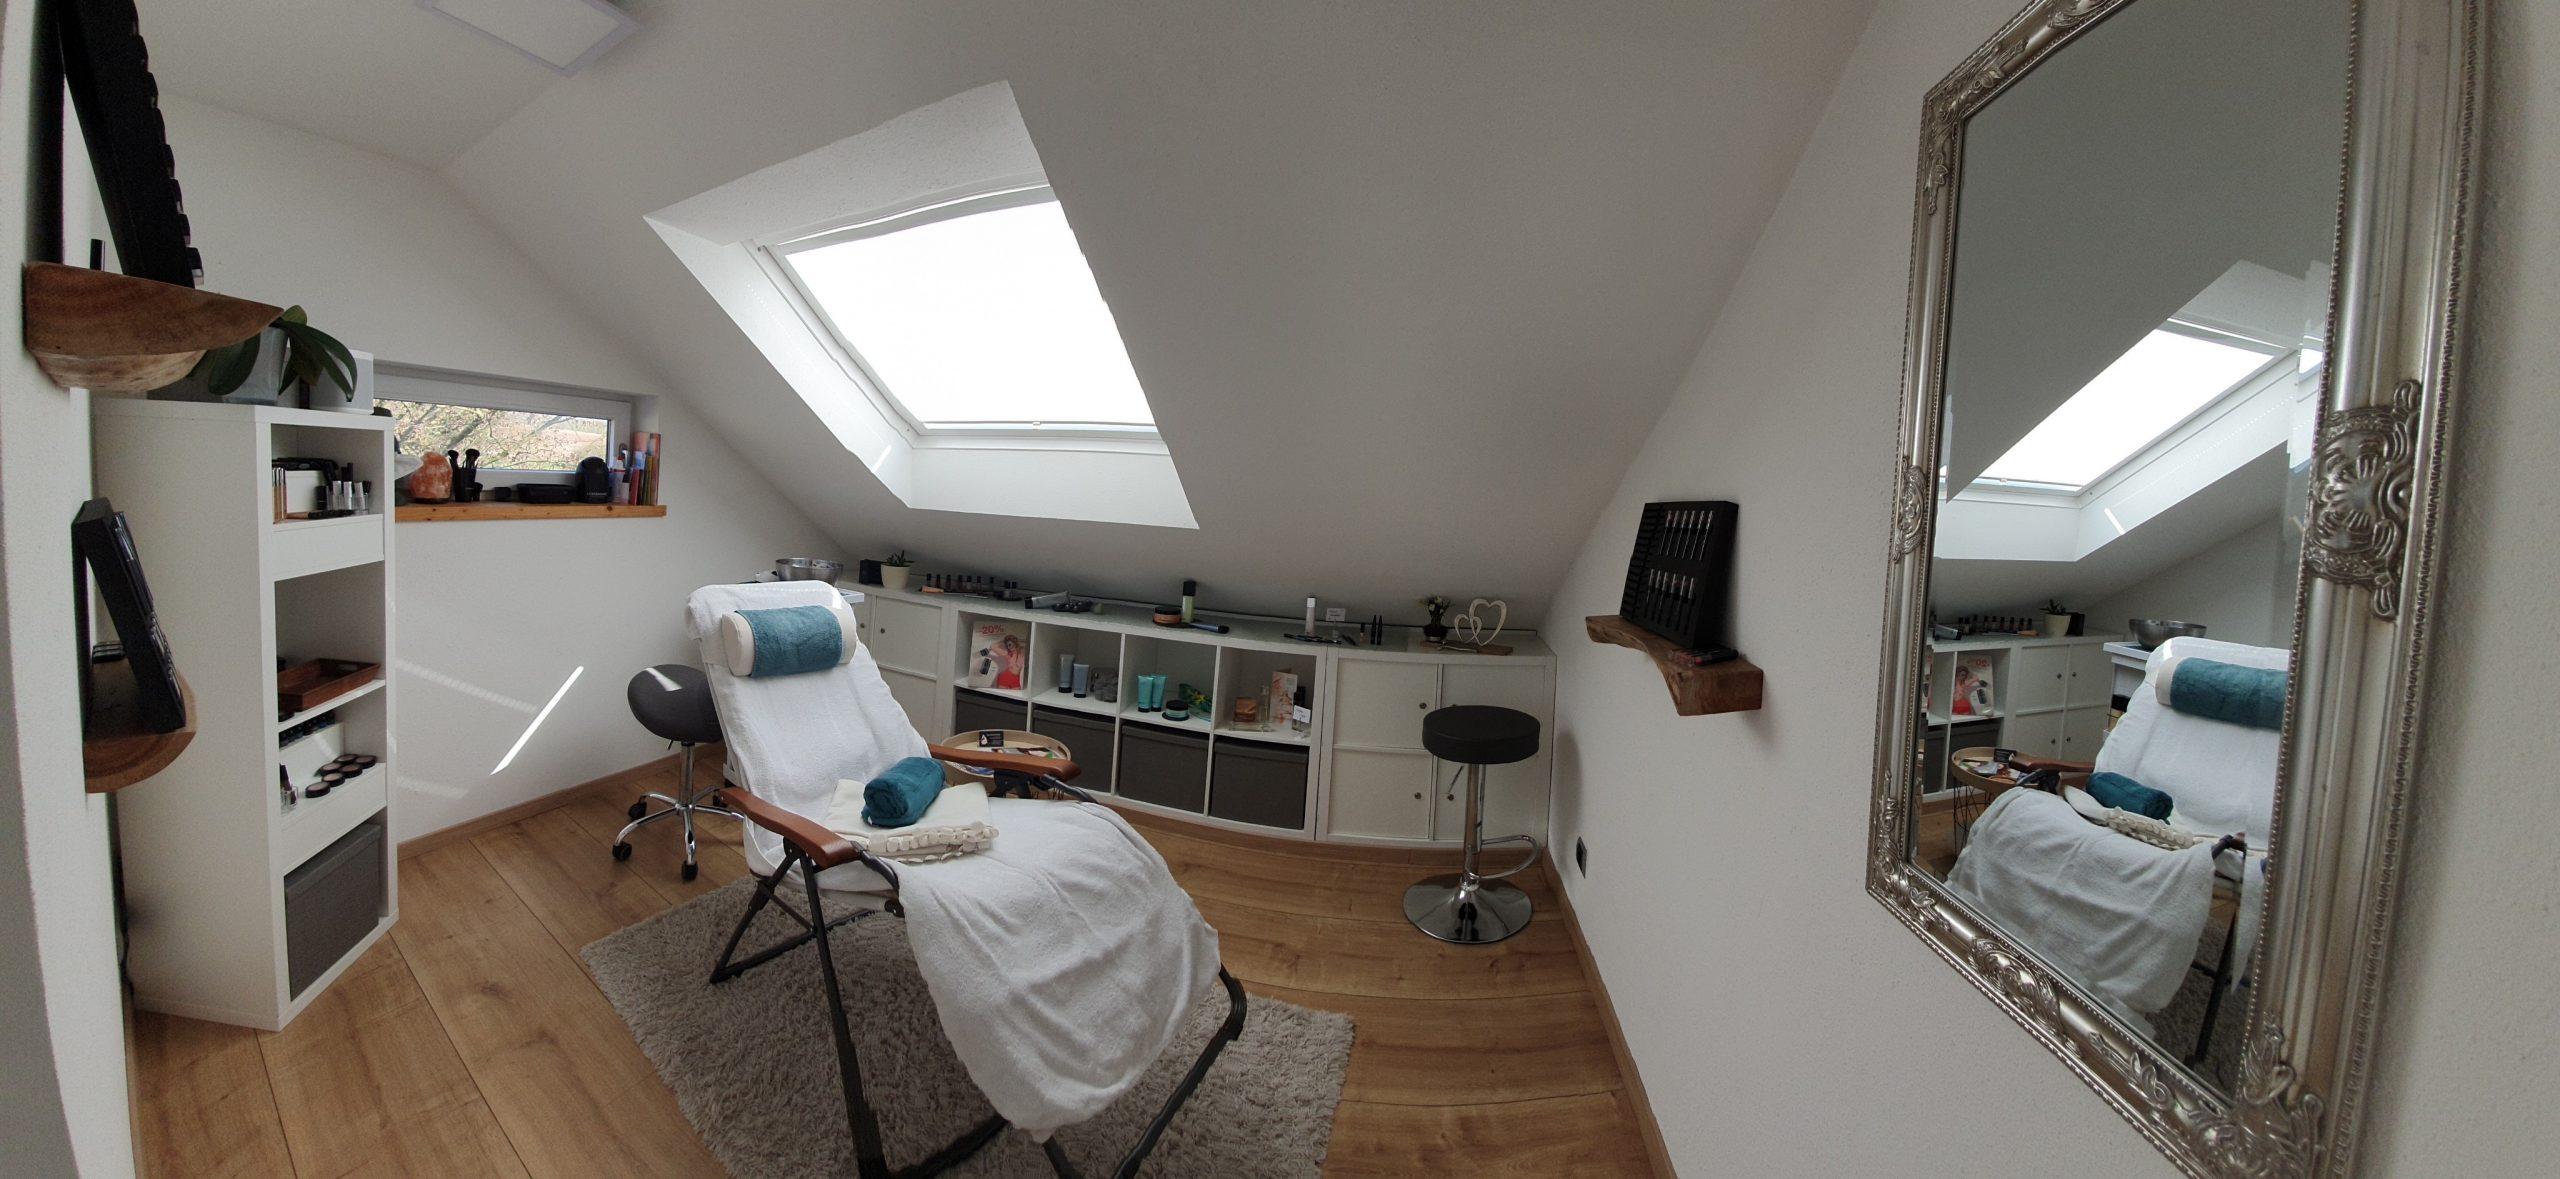 hautpsychologie lombagine studio in losaurach für skincare beratung und pflegeanwendungen